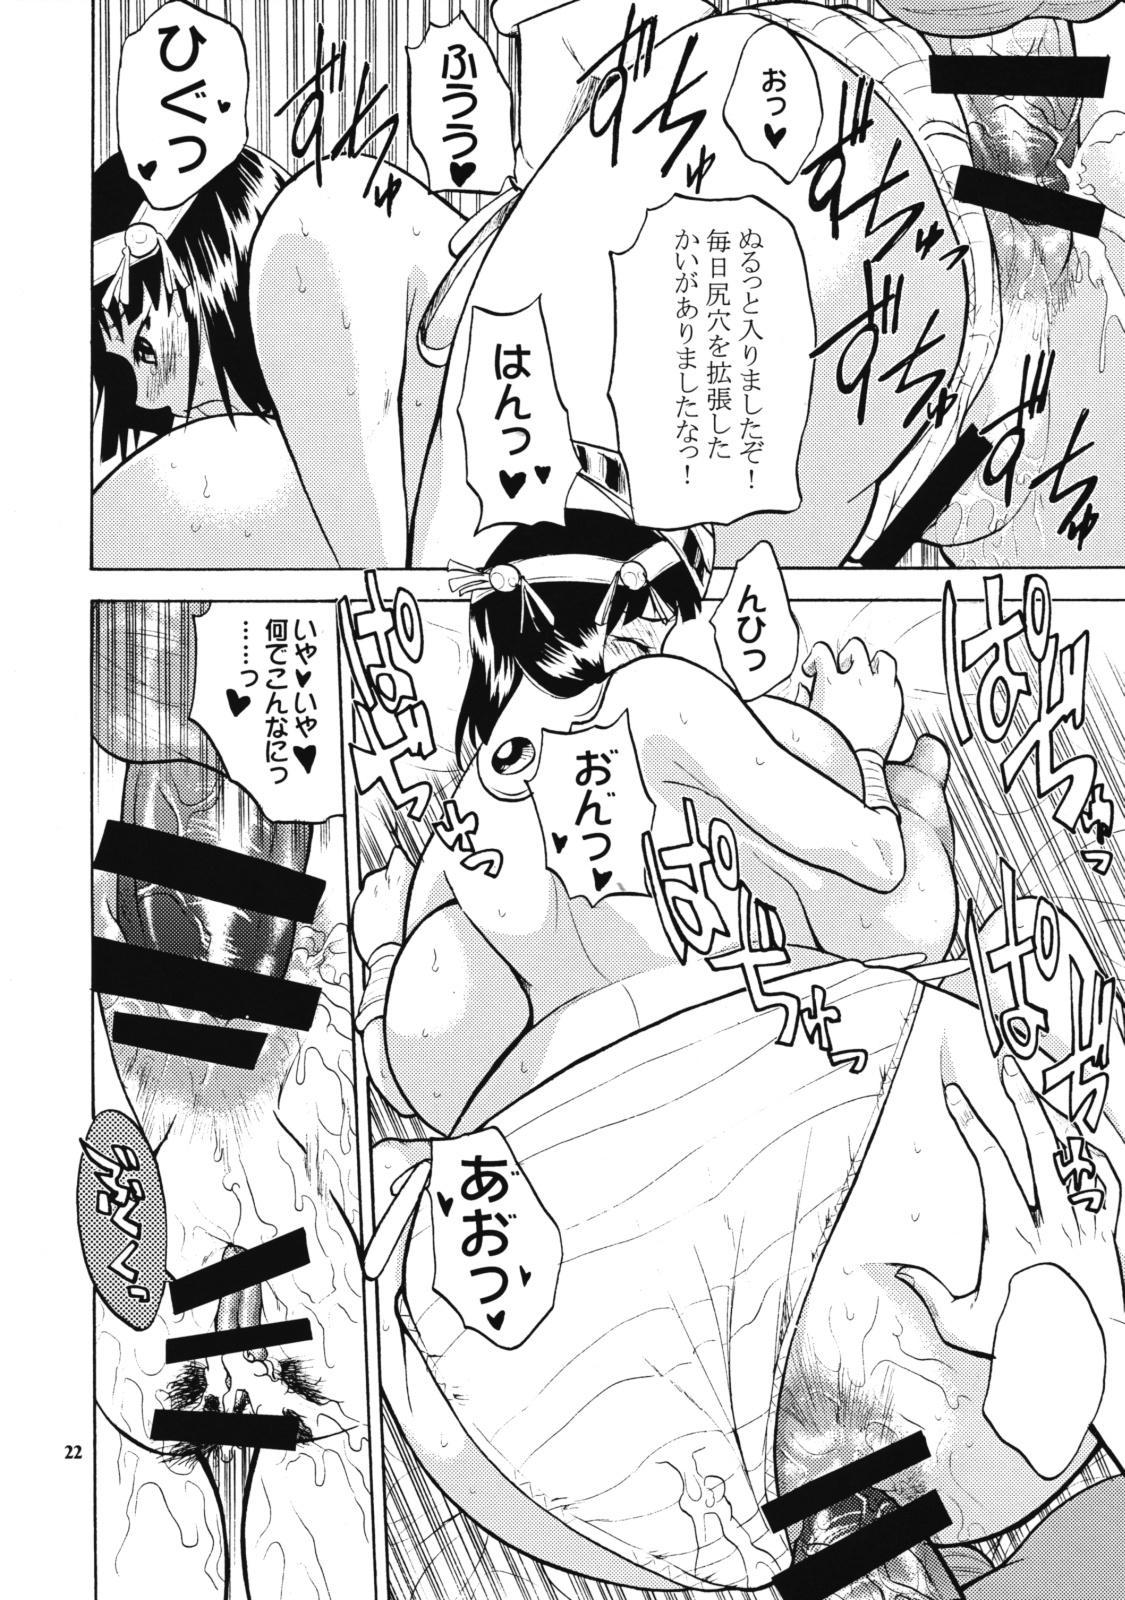 Kodai no Shima Pan Oujo 20